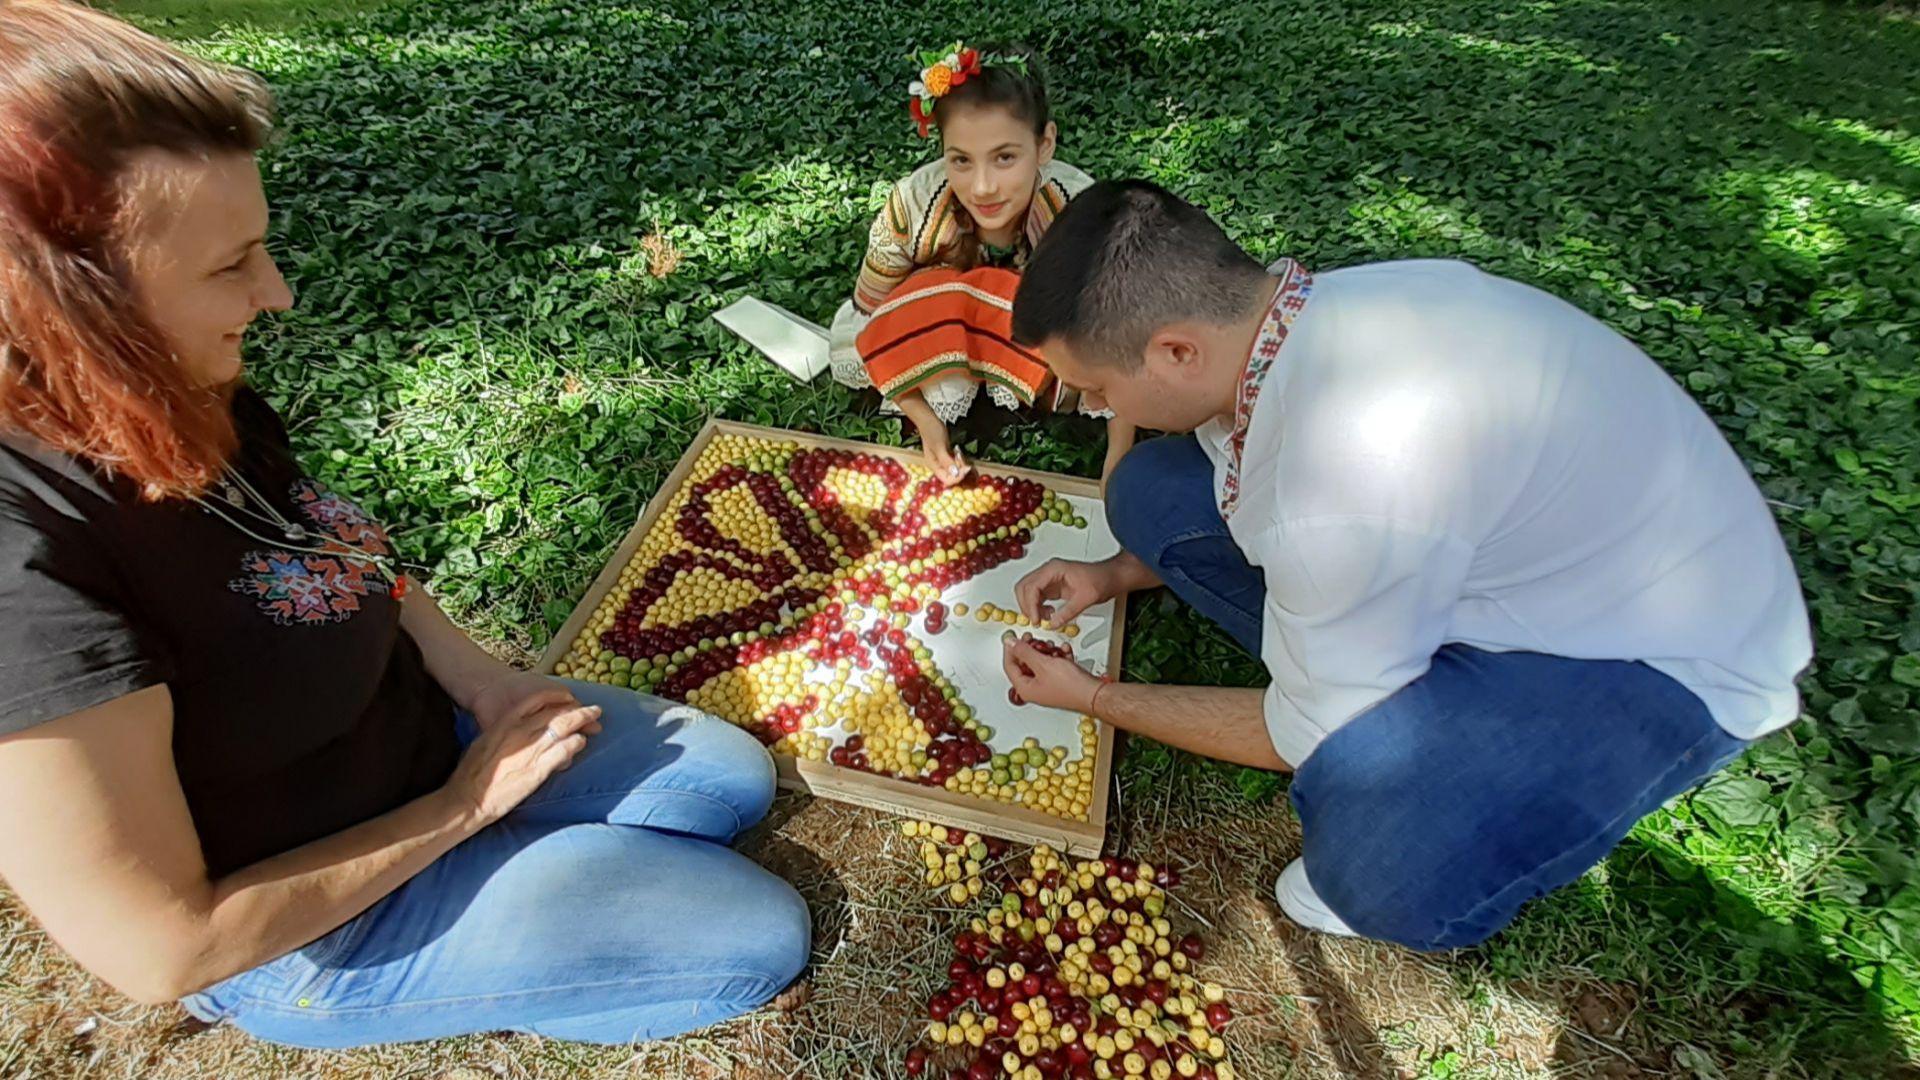 Обявиха колко е голяма най-едрата череша на празника в Кюстендил